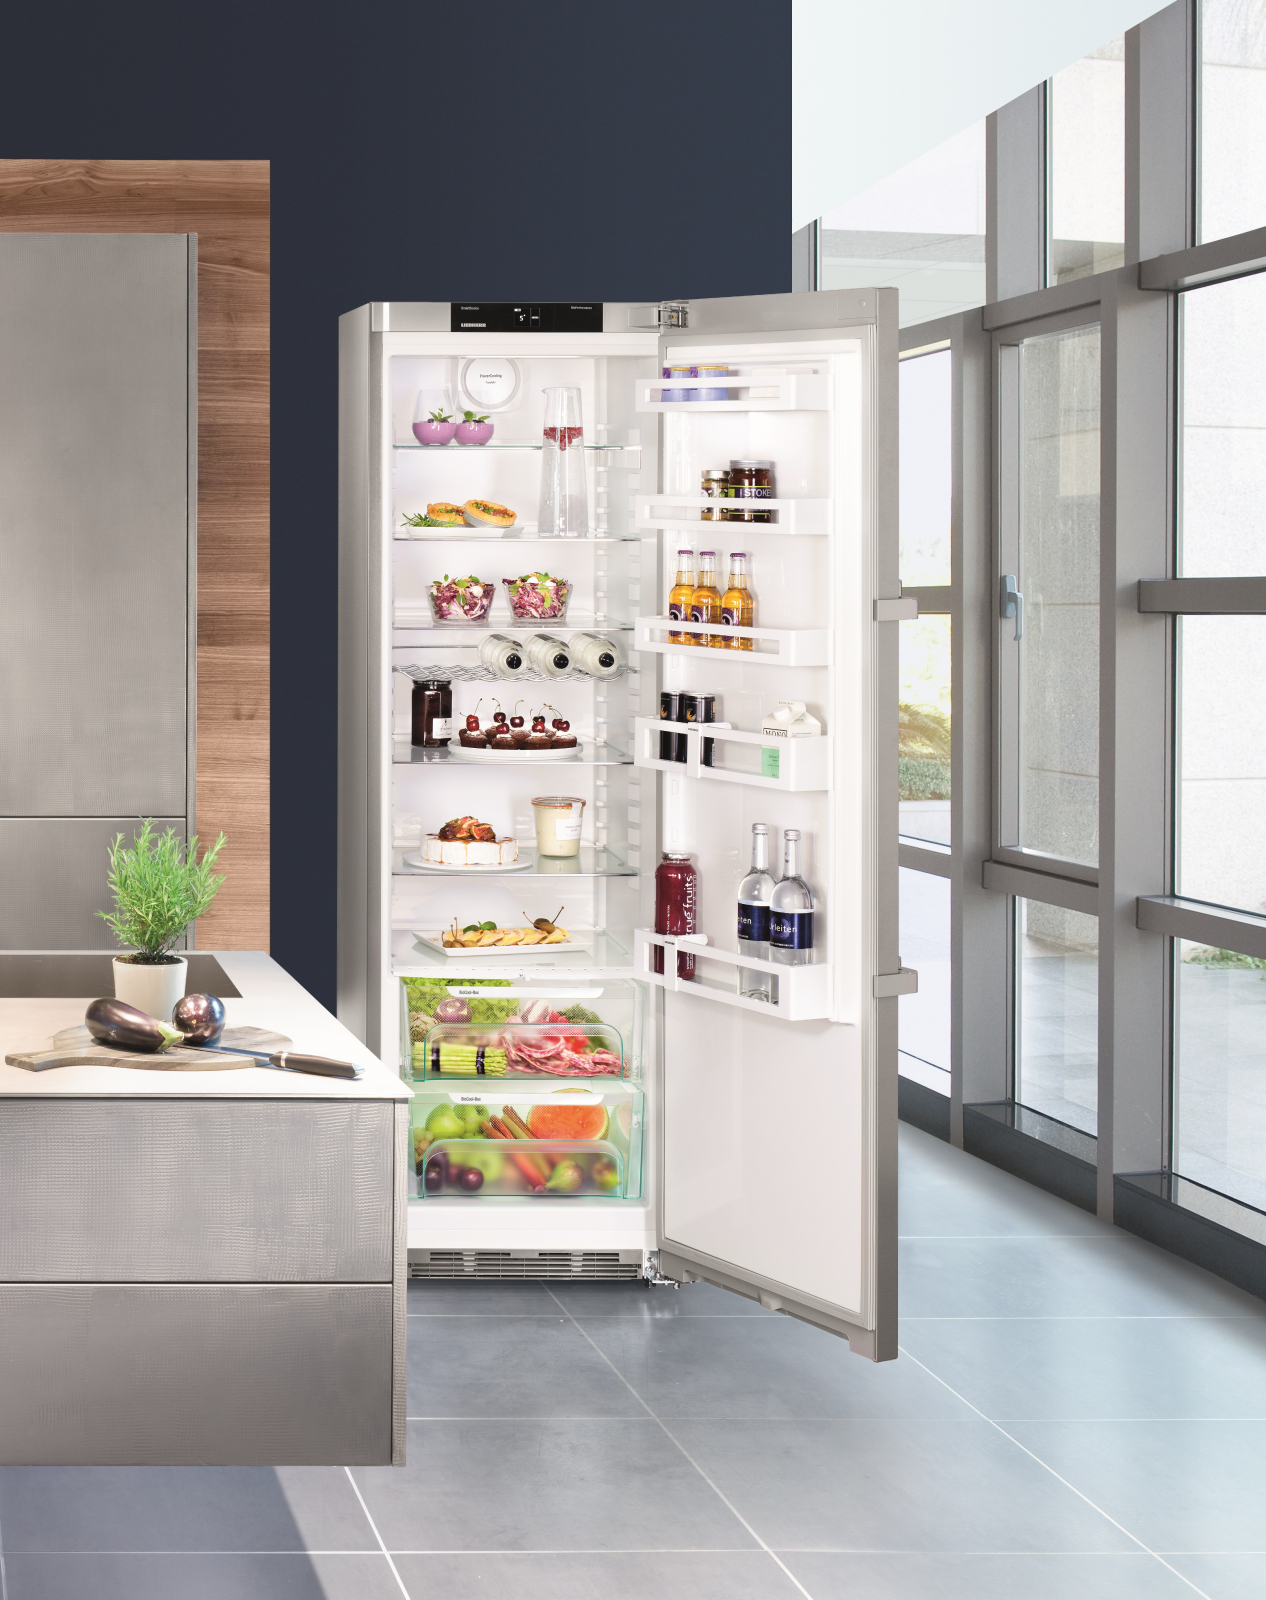 купить Однокамерный холодильник Liebherr Kef 4310 Украина фото 7